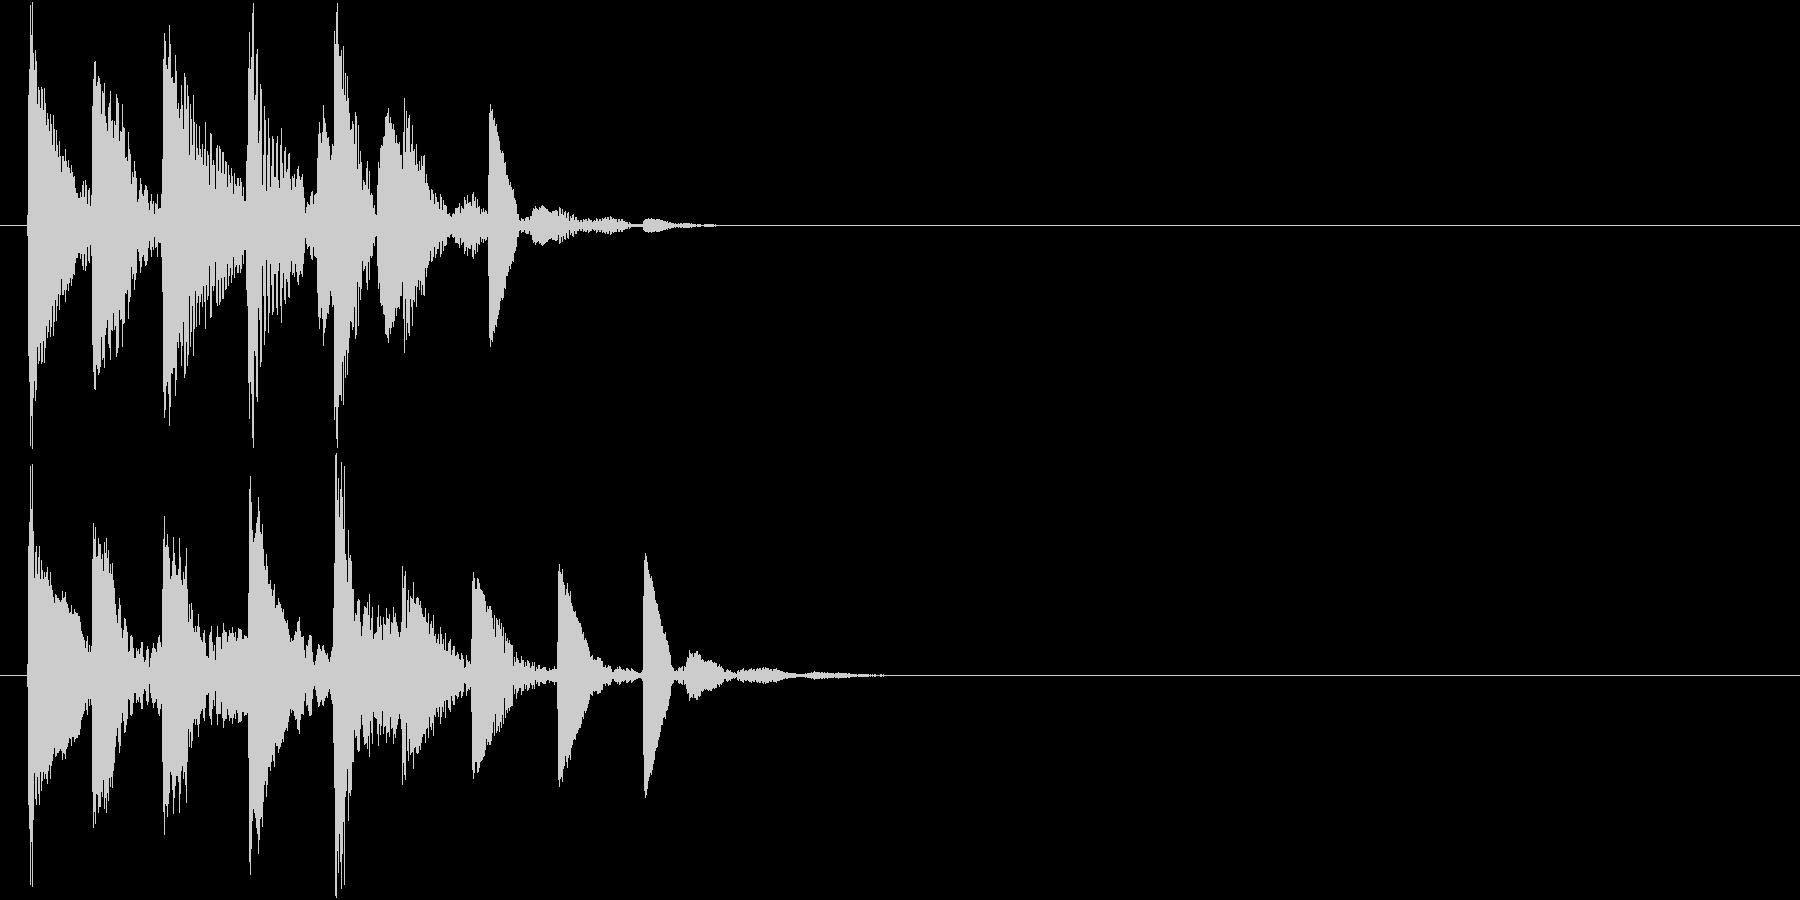 ゲーム内カーソル移動やアイテム取得時の音の未再生の波形